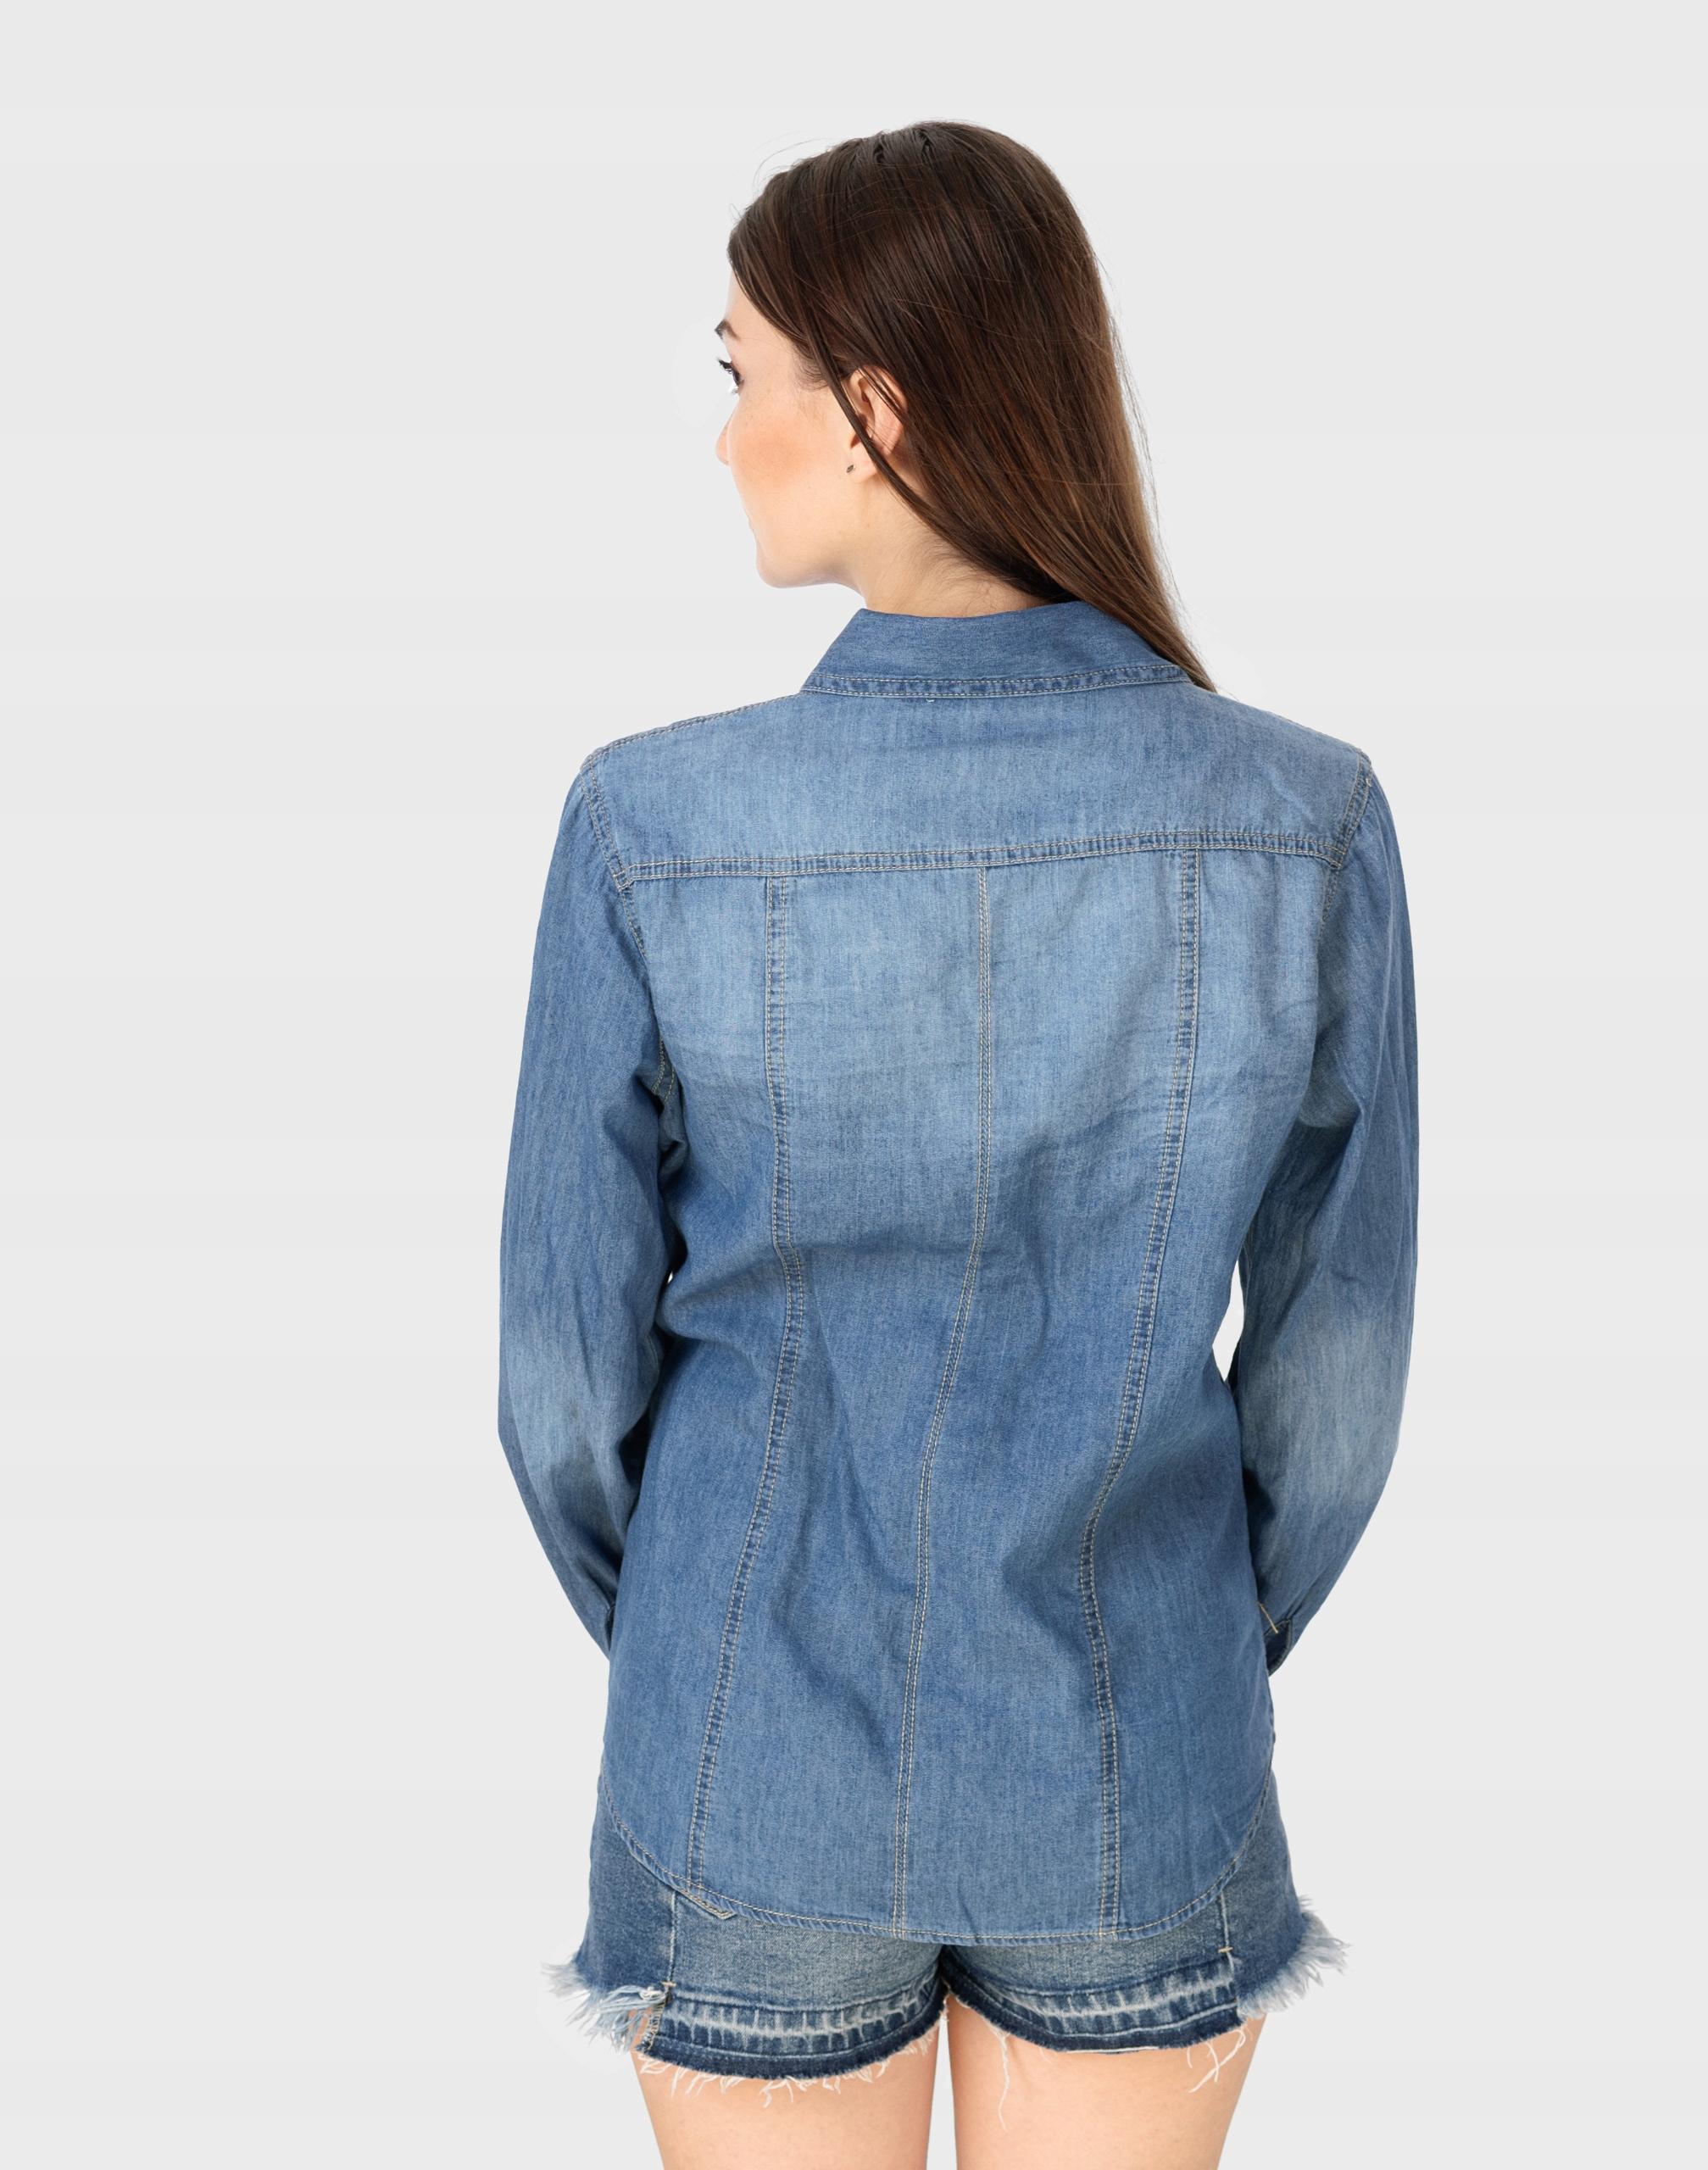 Koszula Damska Jeansowa Bluzka Dżinsowa Y003 r L 7517116047  aLyC7